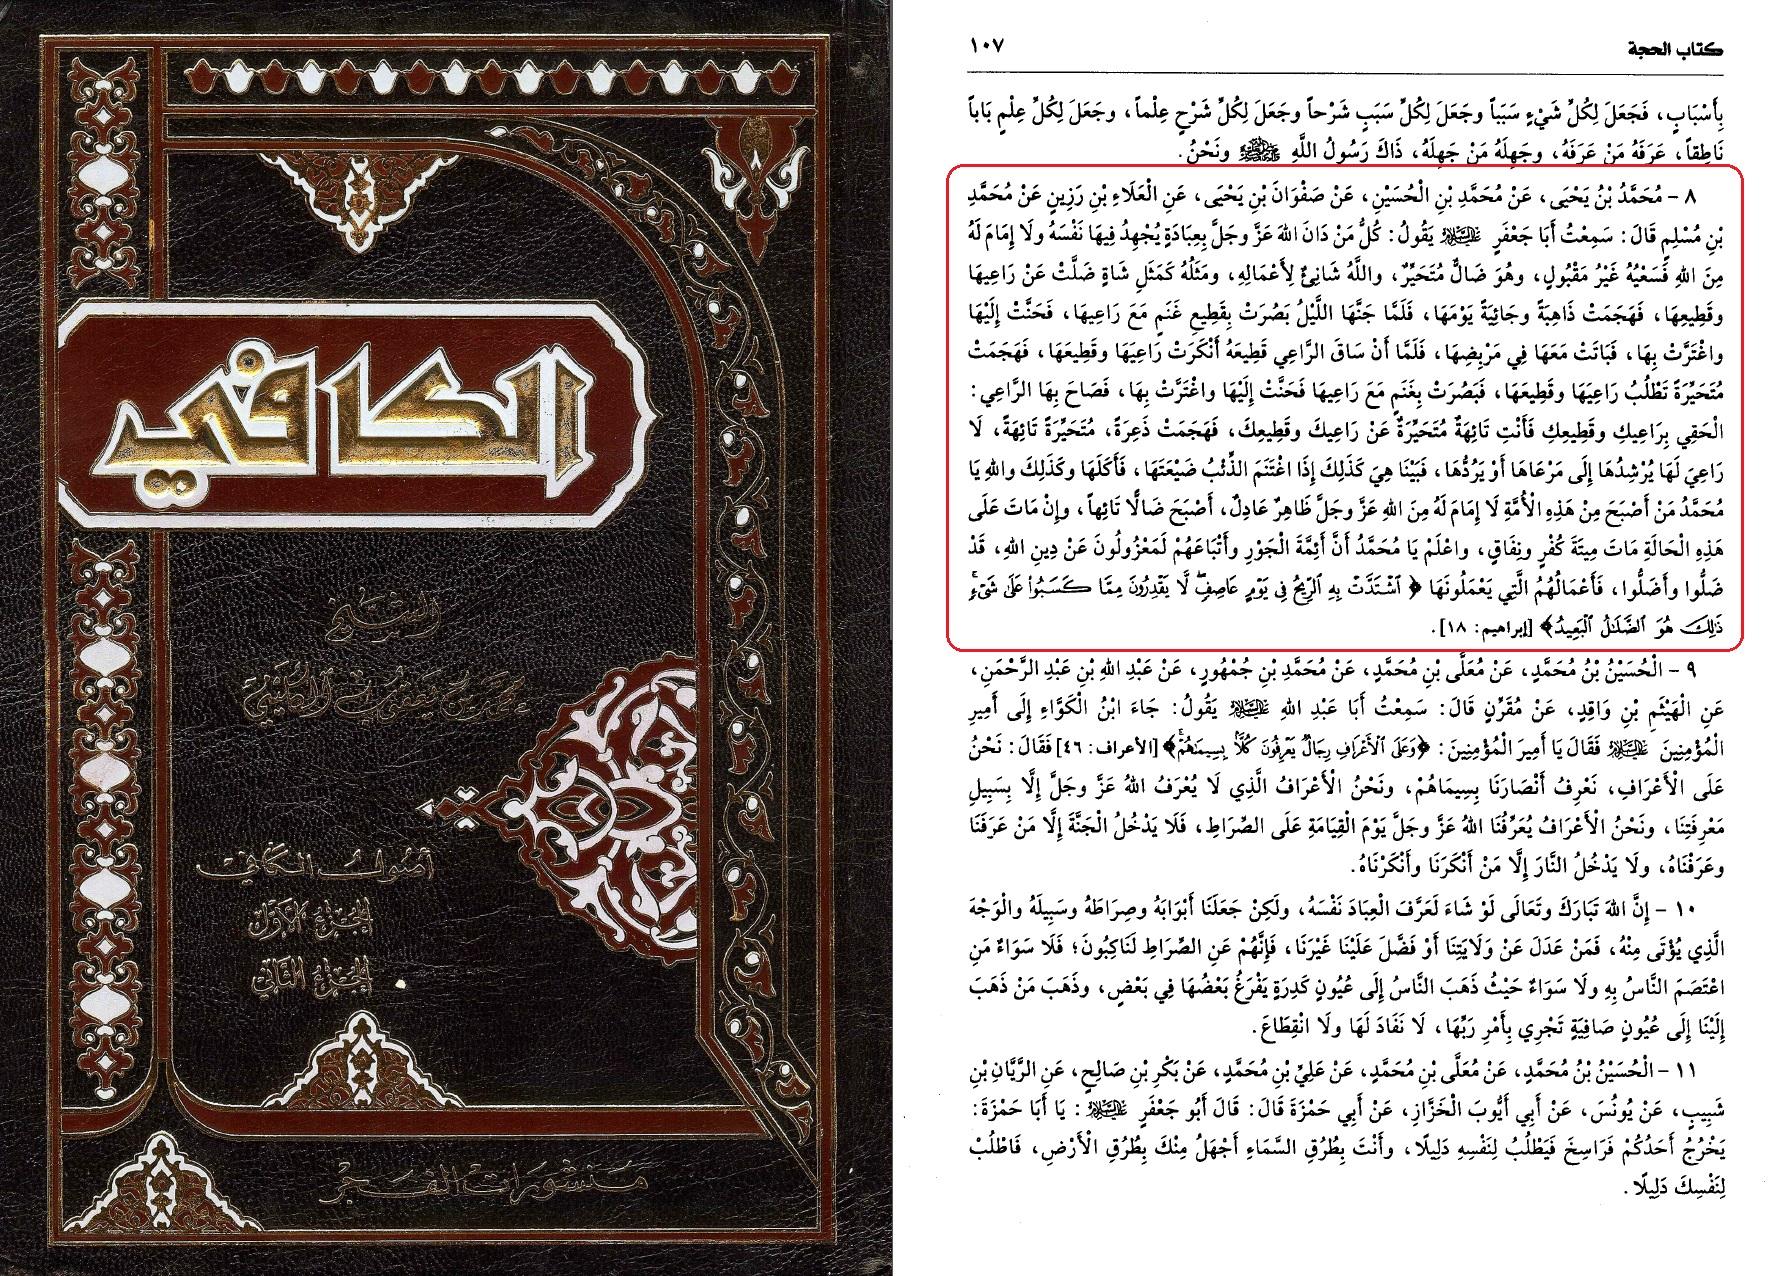 al-Kafi B 1 S 107 H 8